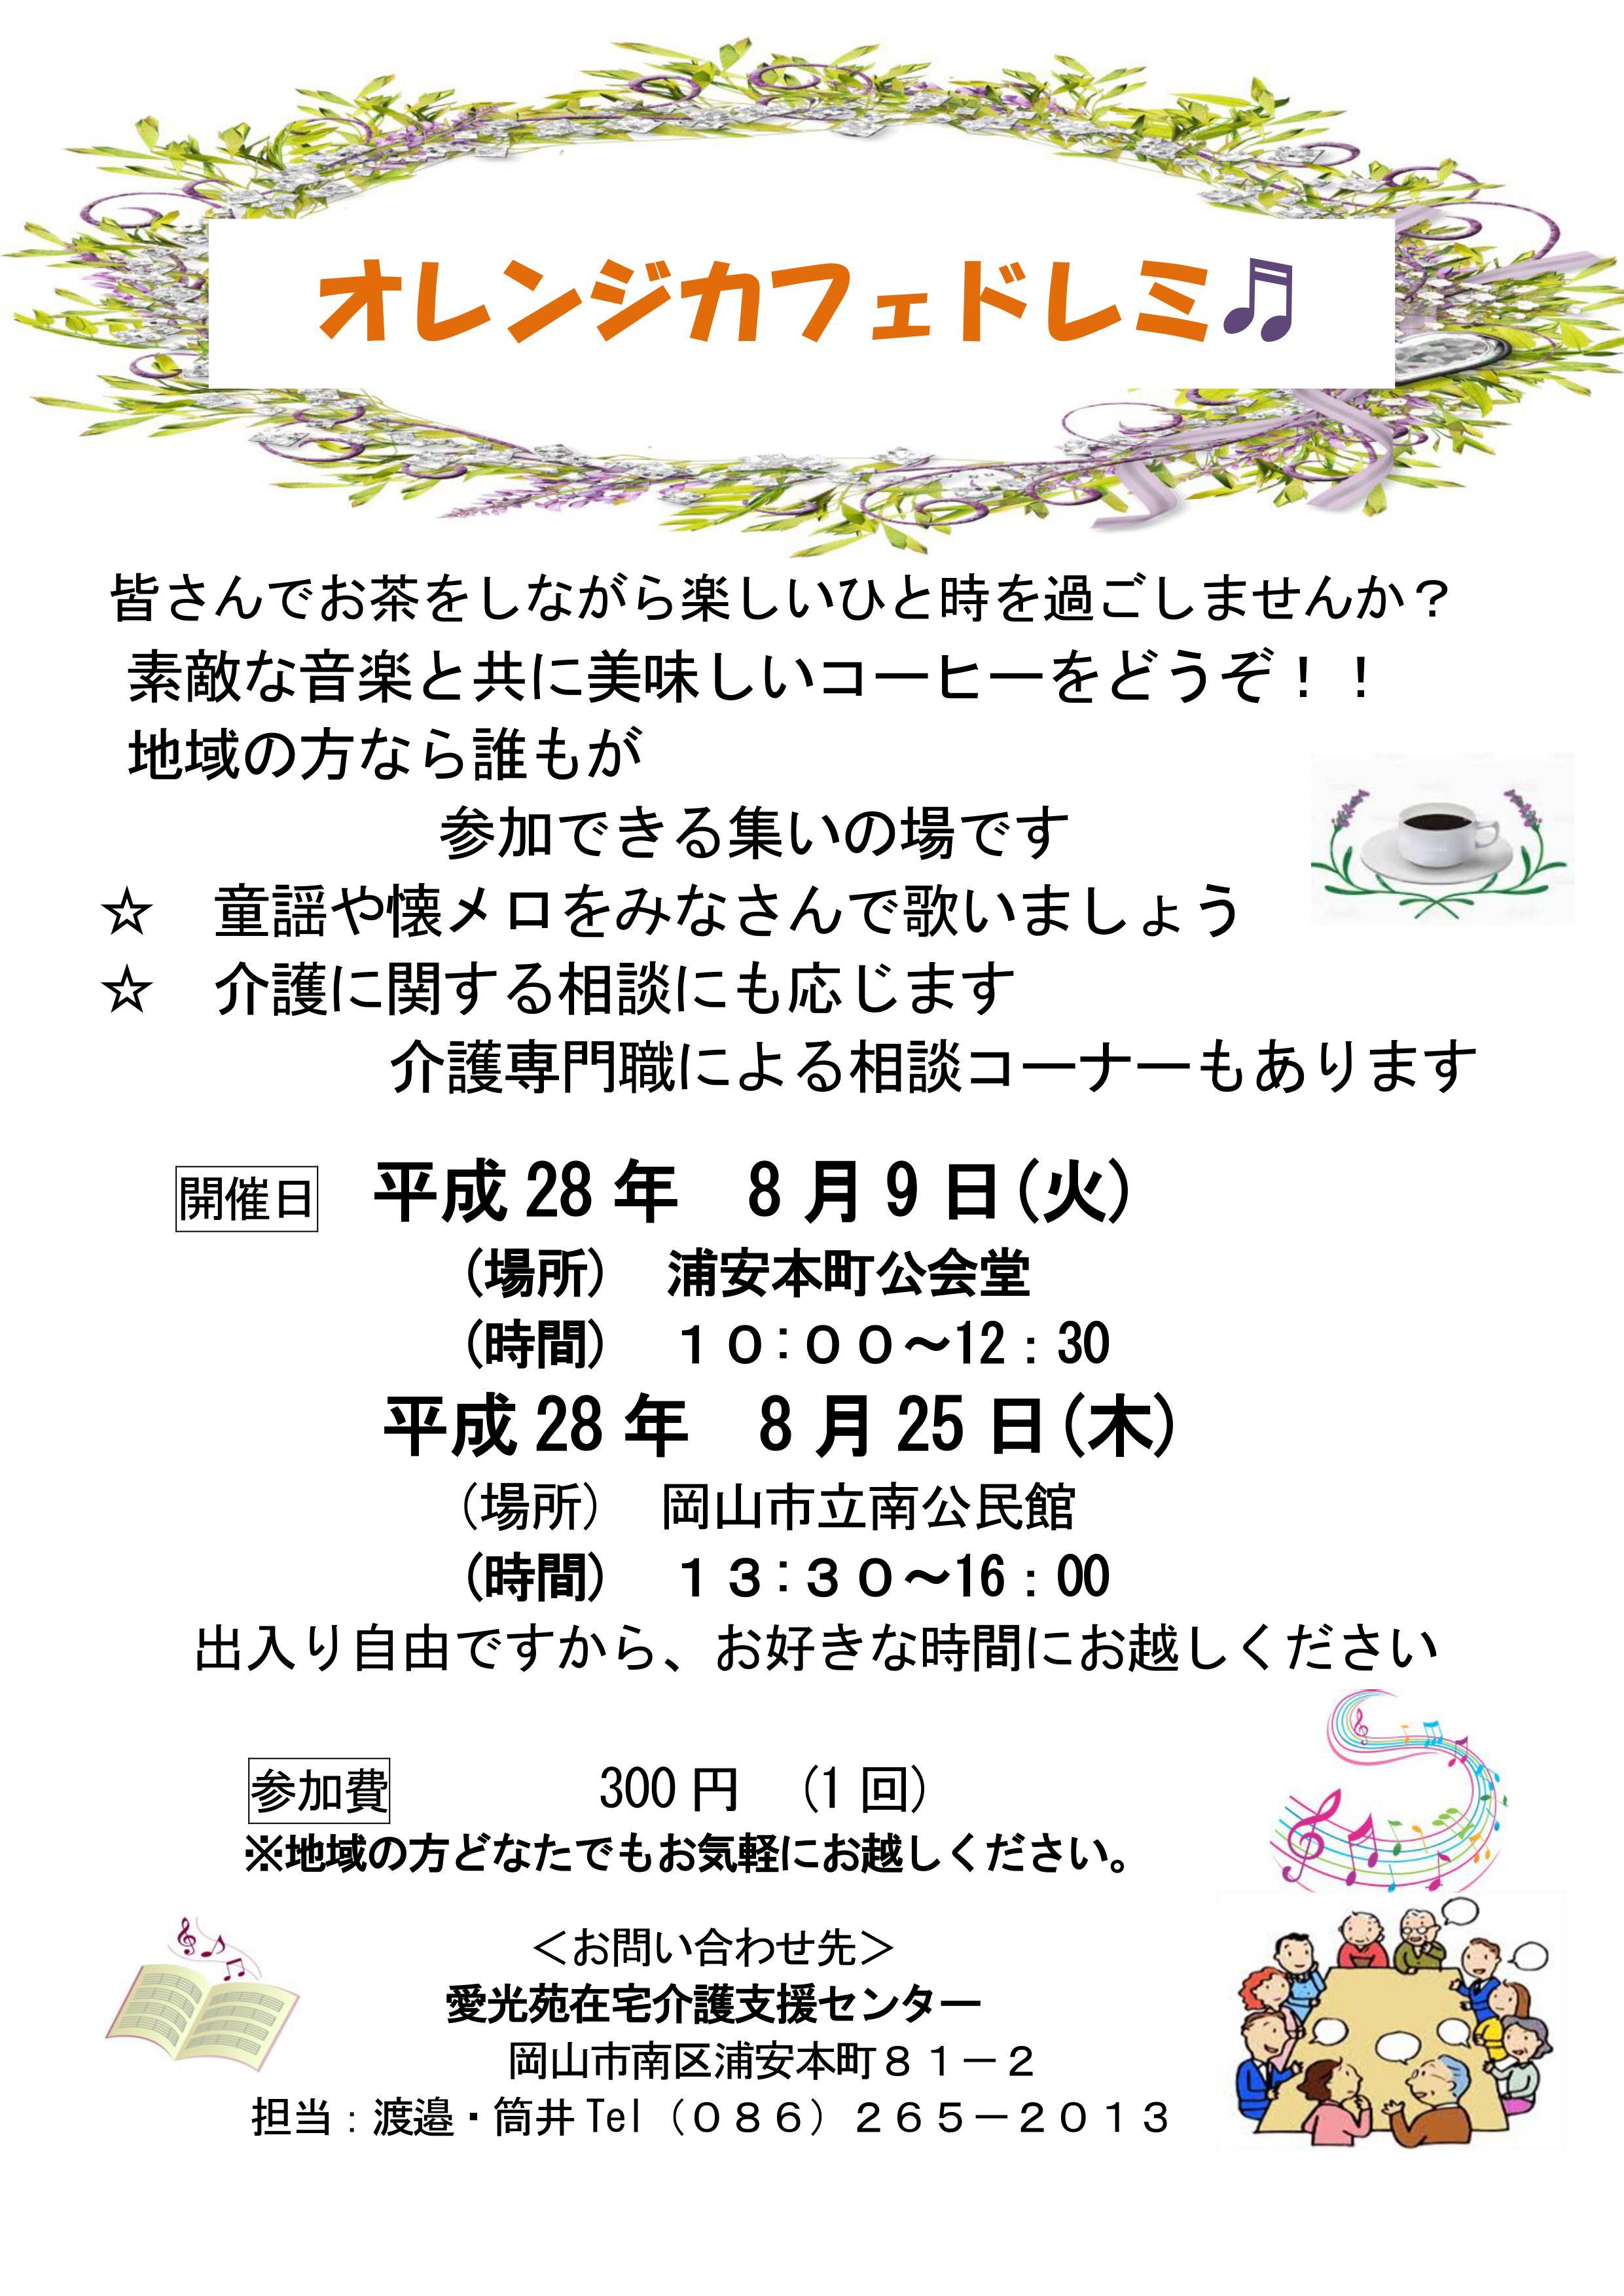 オレンジカフェチラシHP用(28.8月)